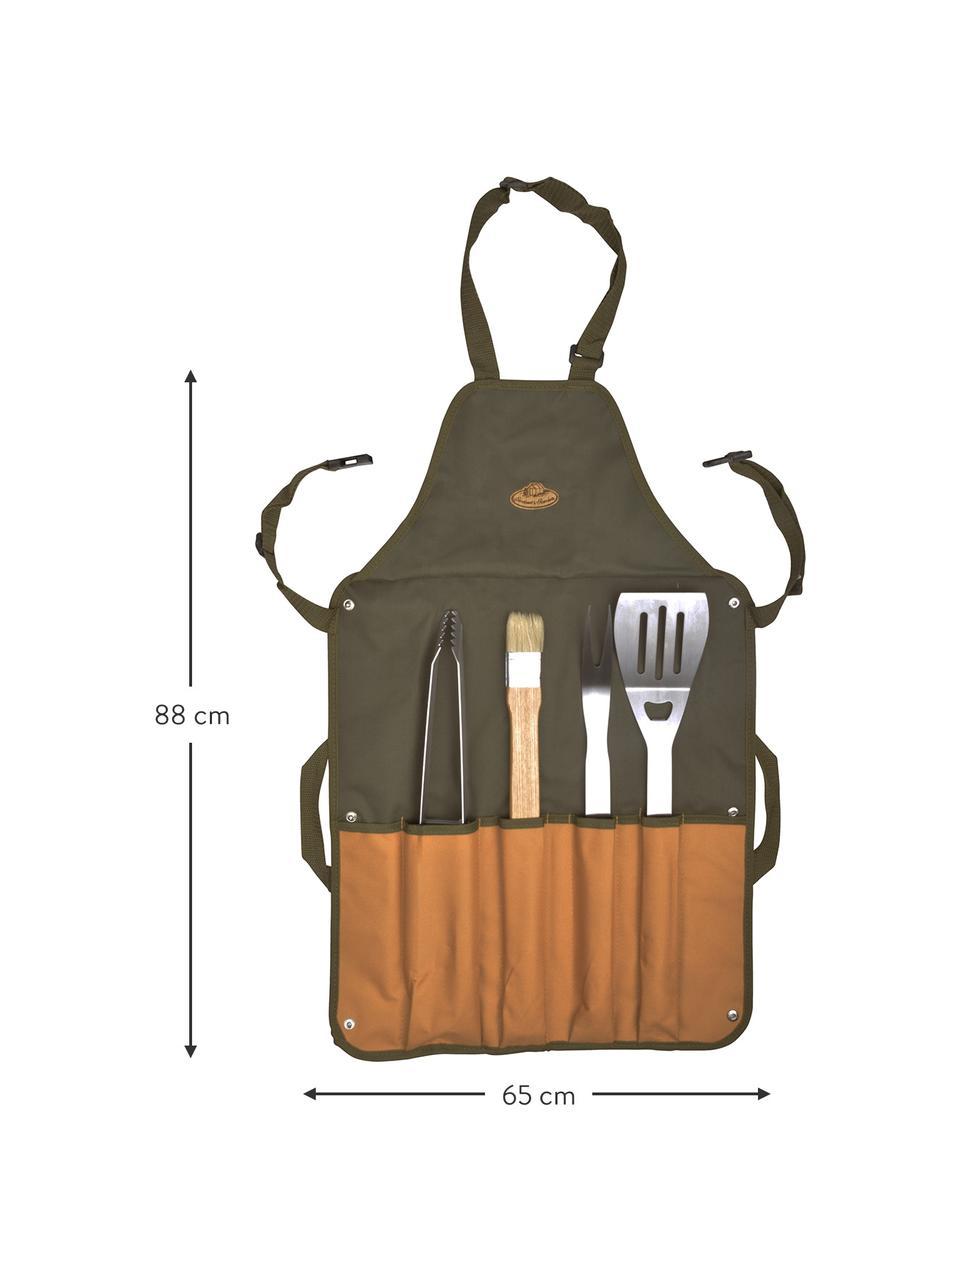 Komplet do grillowania Bob, 5elem., Zielony, brązowy, S 65 x W 88 cm